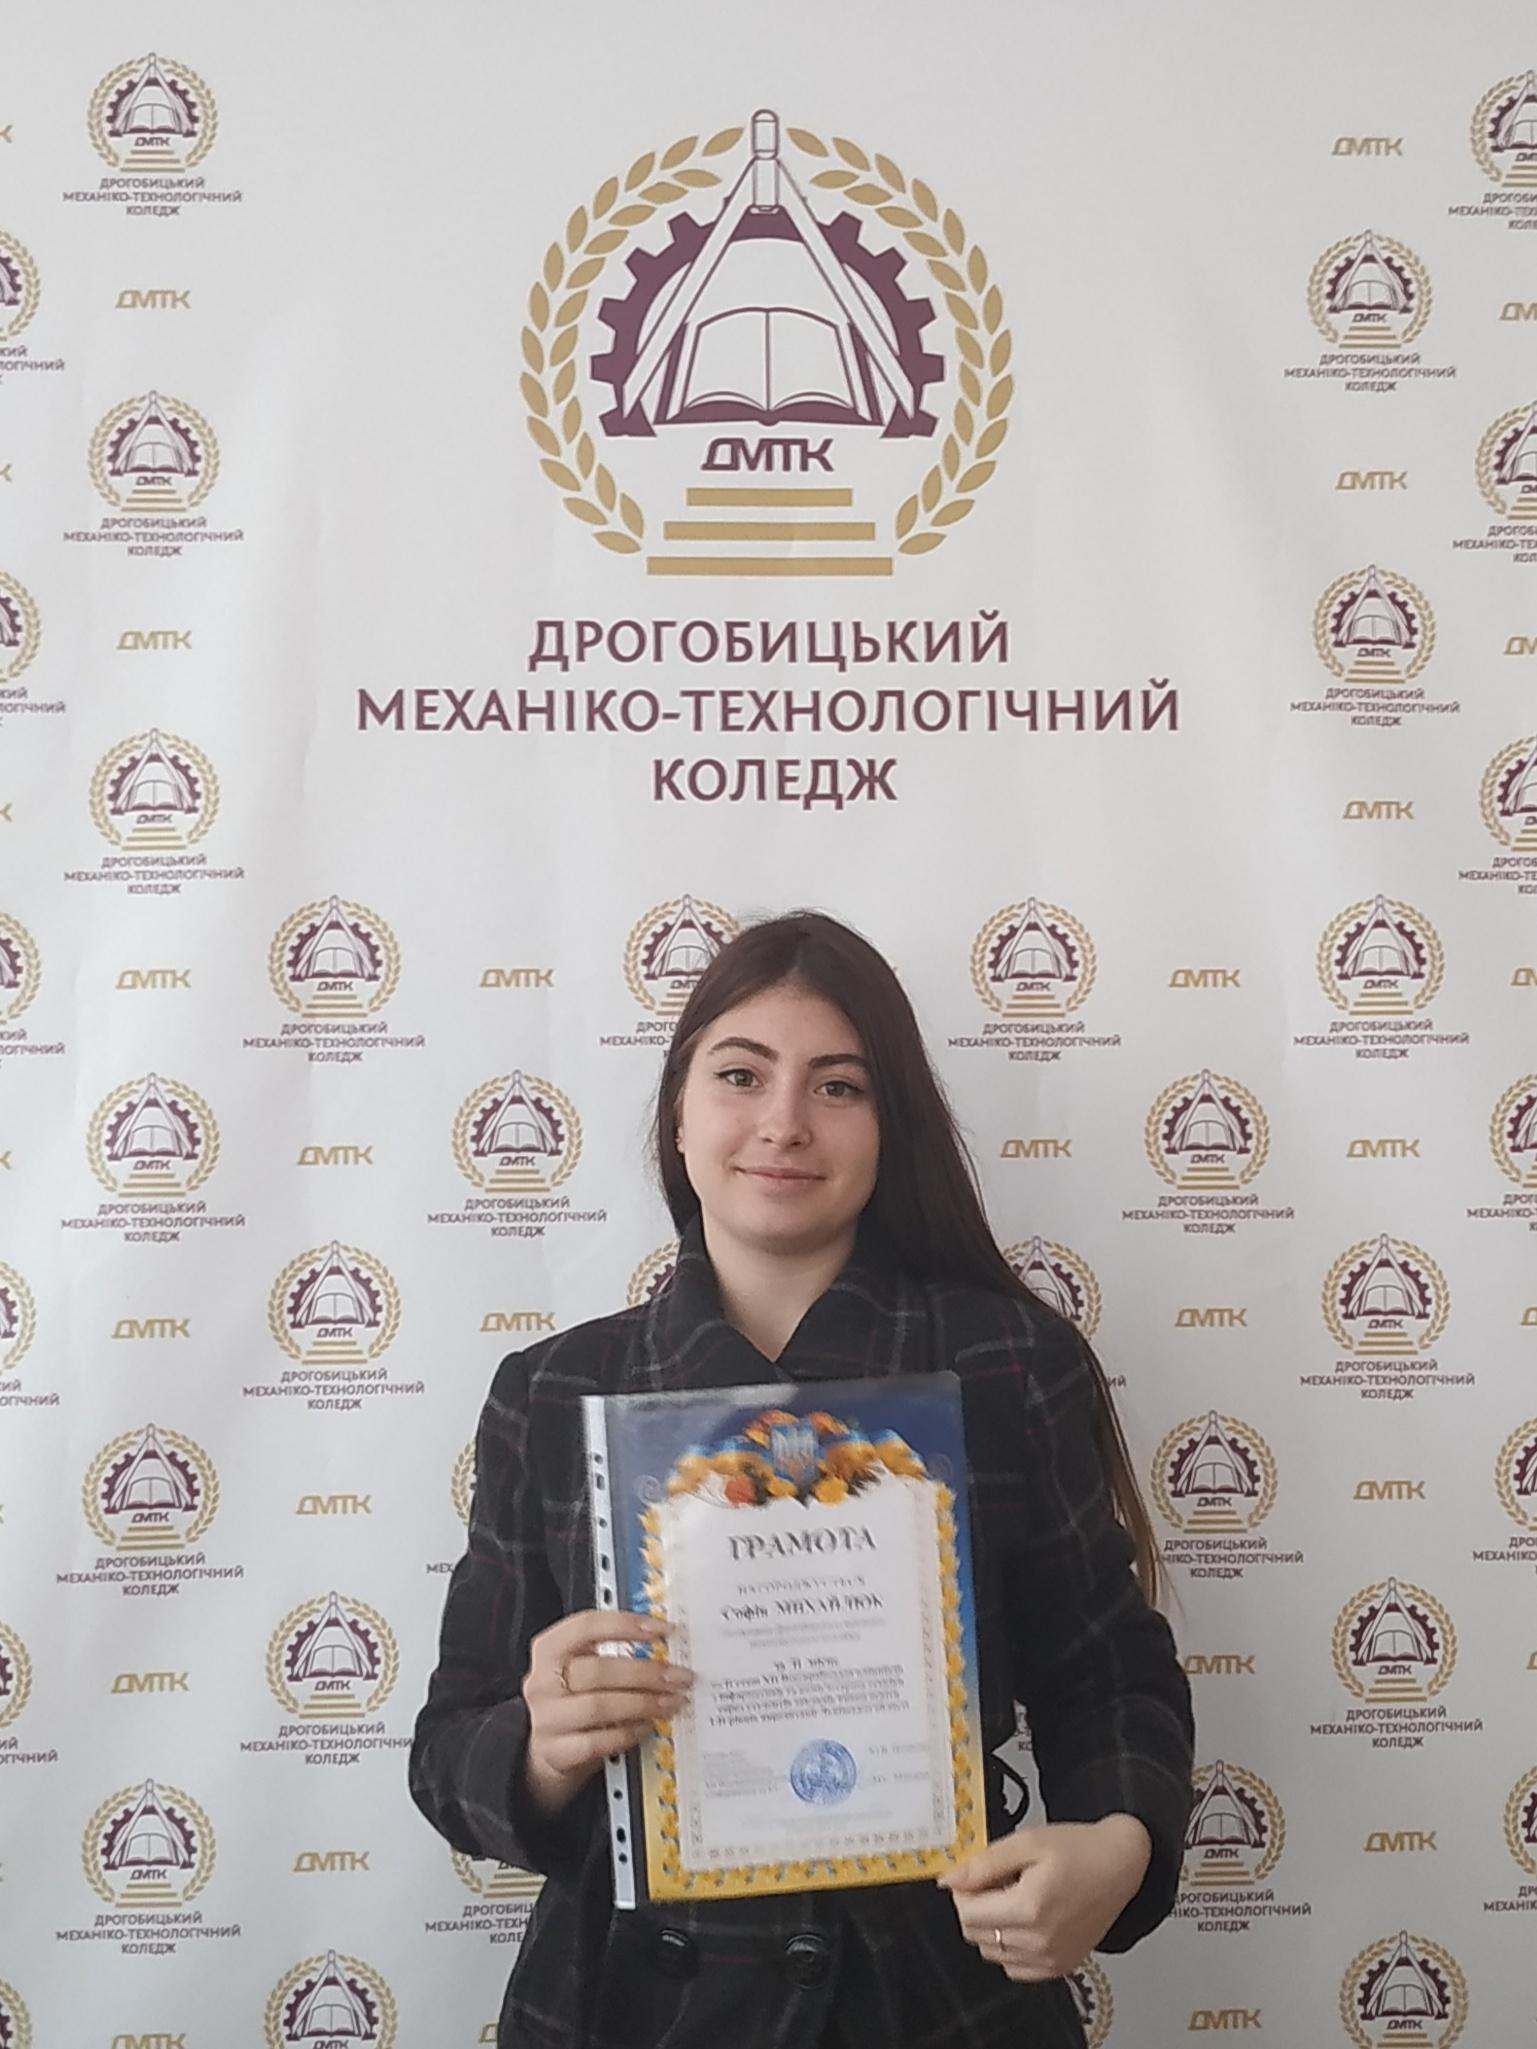 II етап XII Всеукраїнської олімпіади з інформатики та комп'ютерної техніки